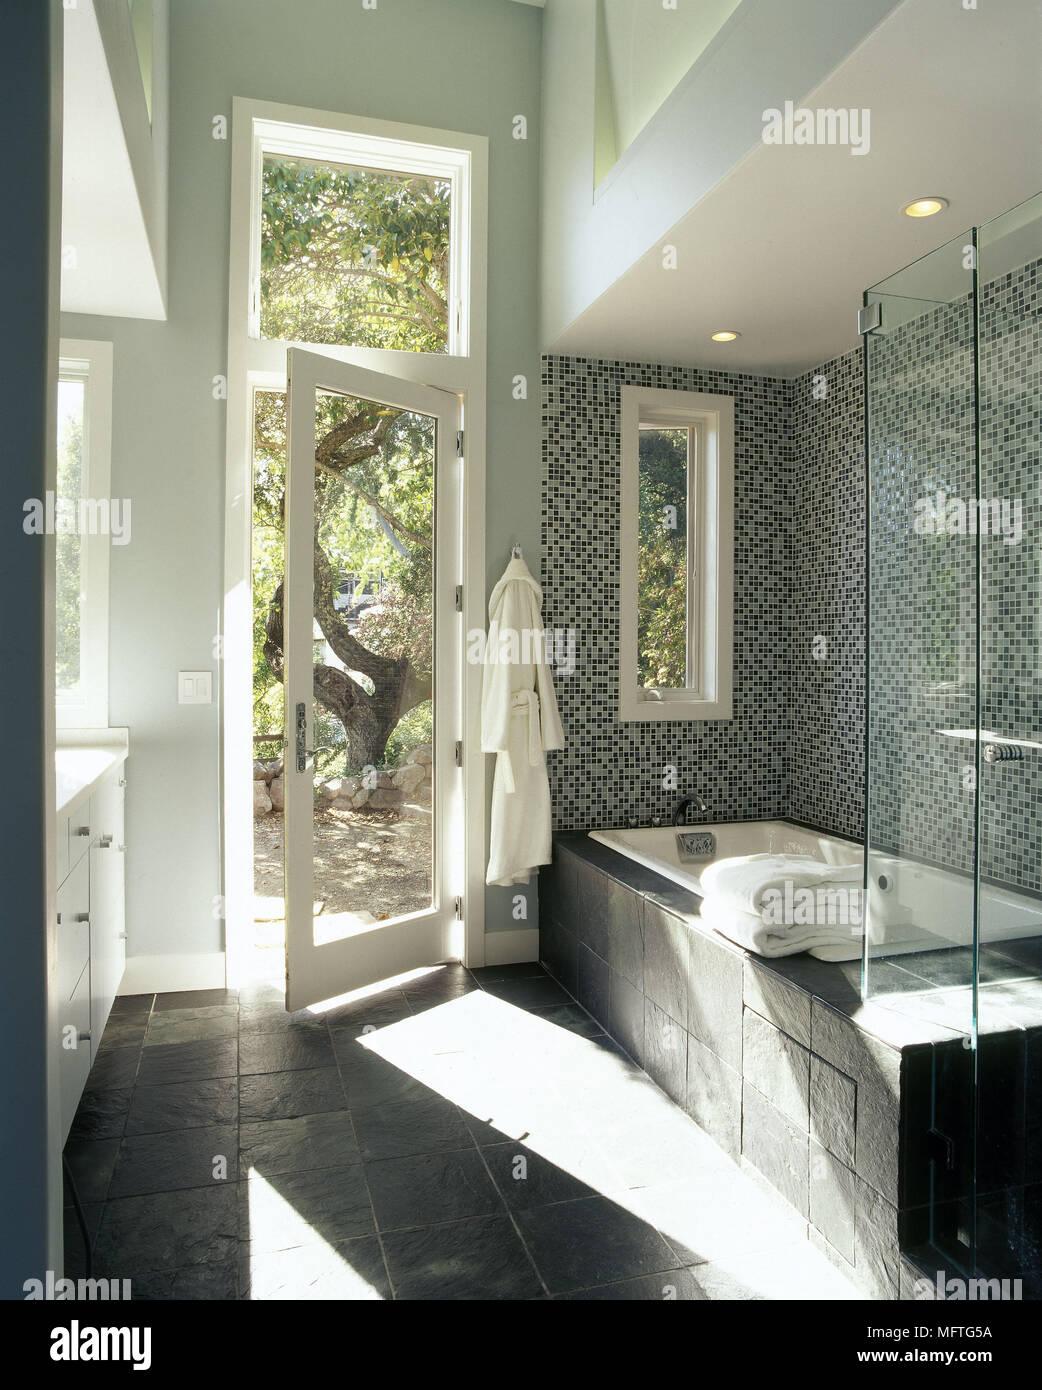 Salle de bains moderne en verre gris ardoise baignoire douche ...